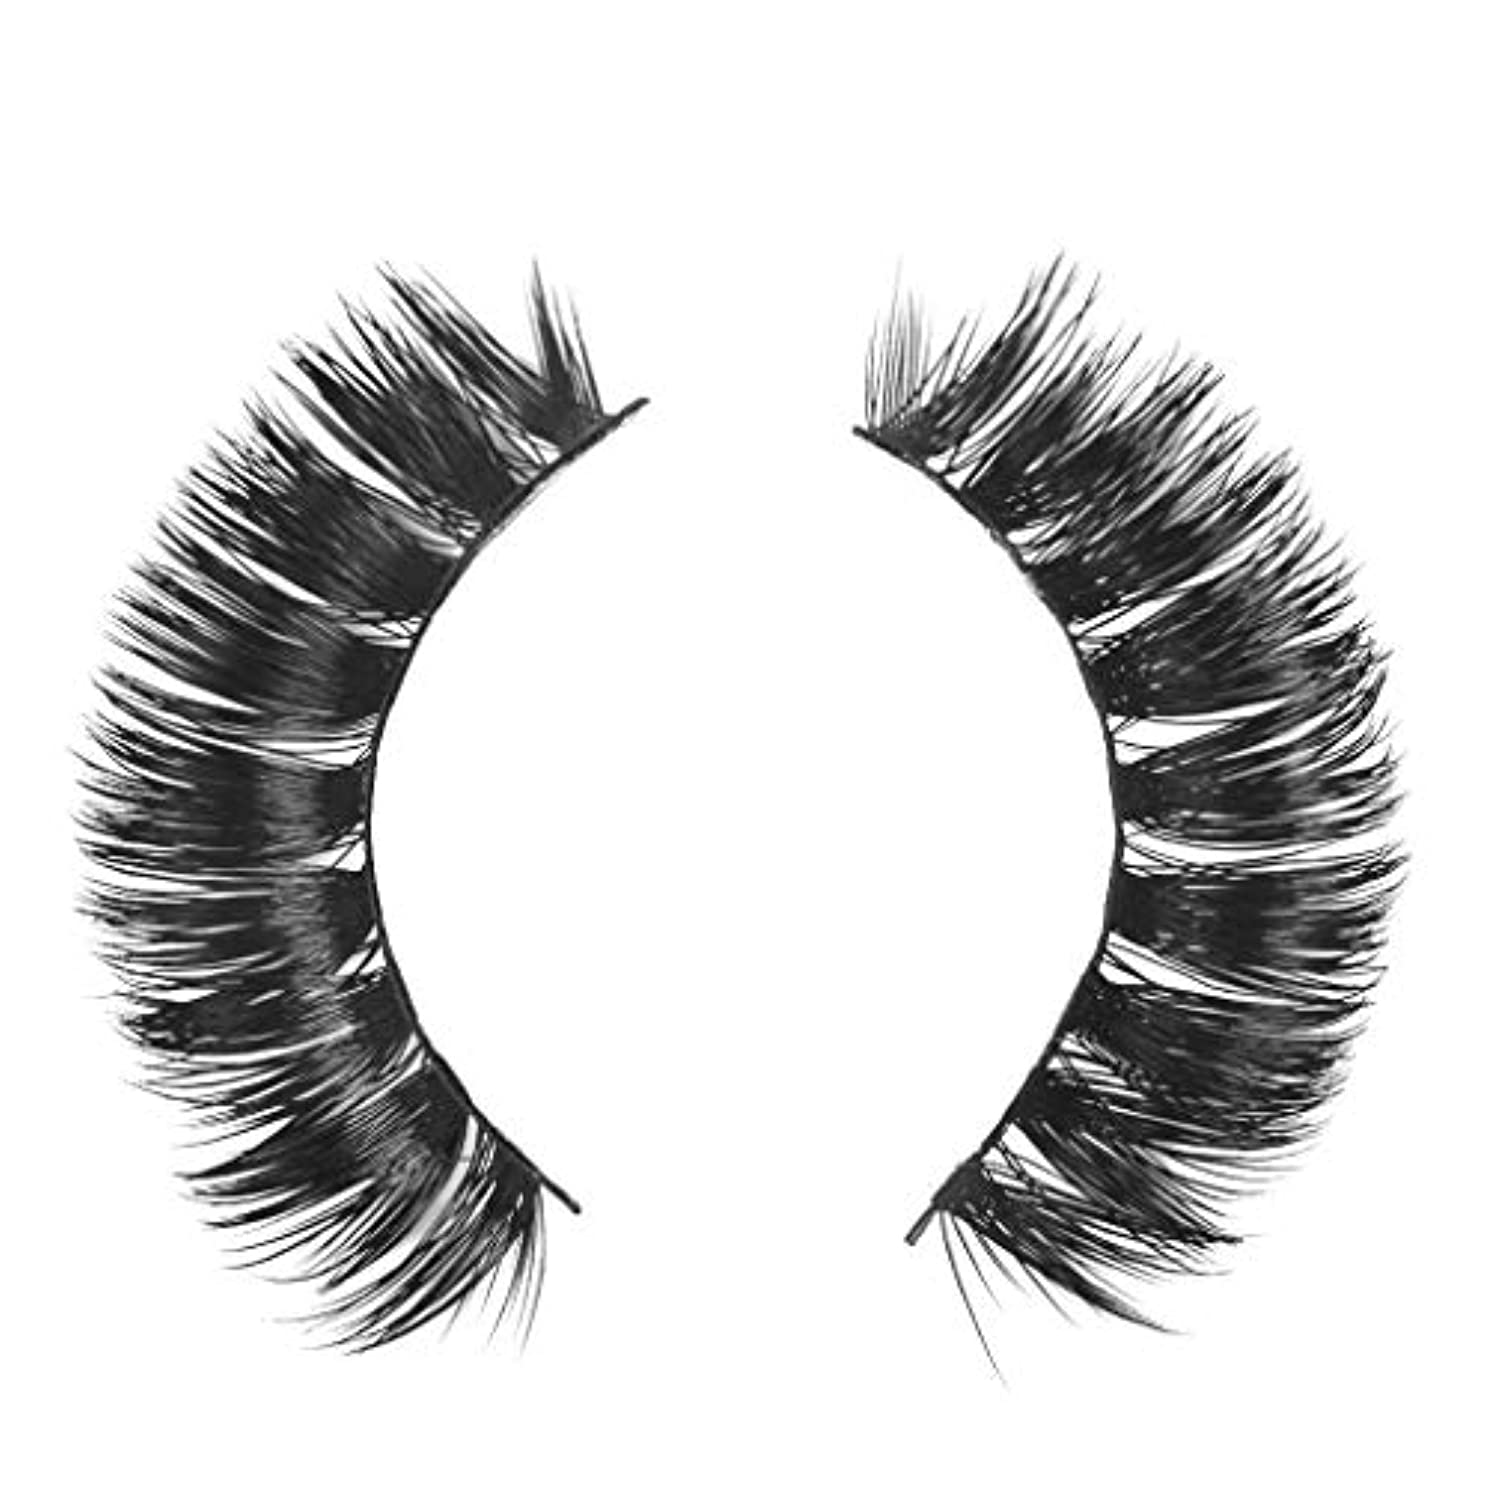 雪だるま期待して先生ミンクの毛の自然な厚くなる化粧品の3D版のための一組のまつげ